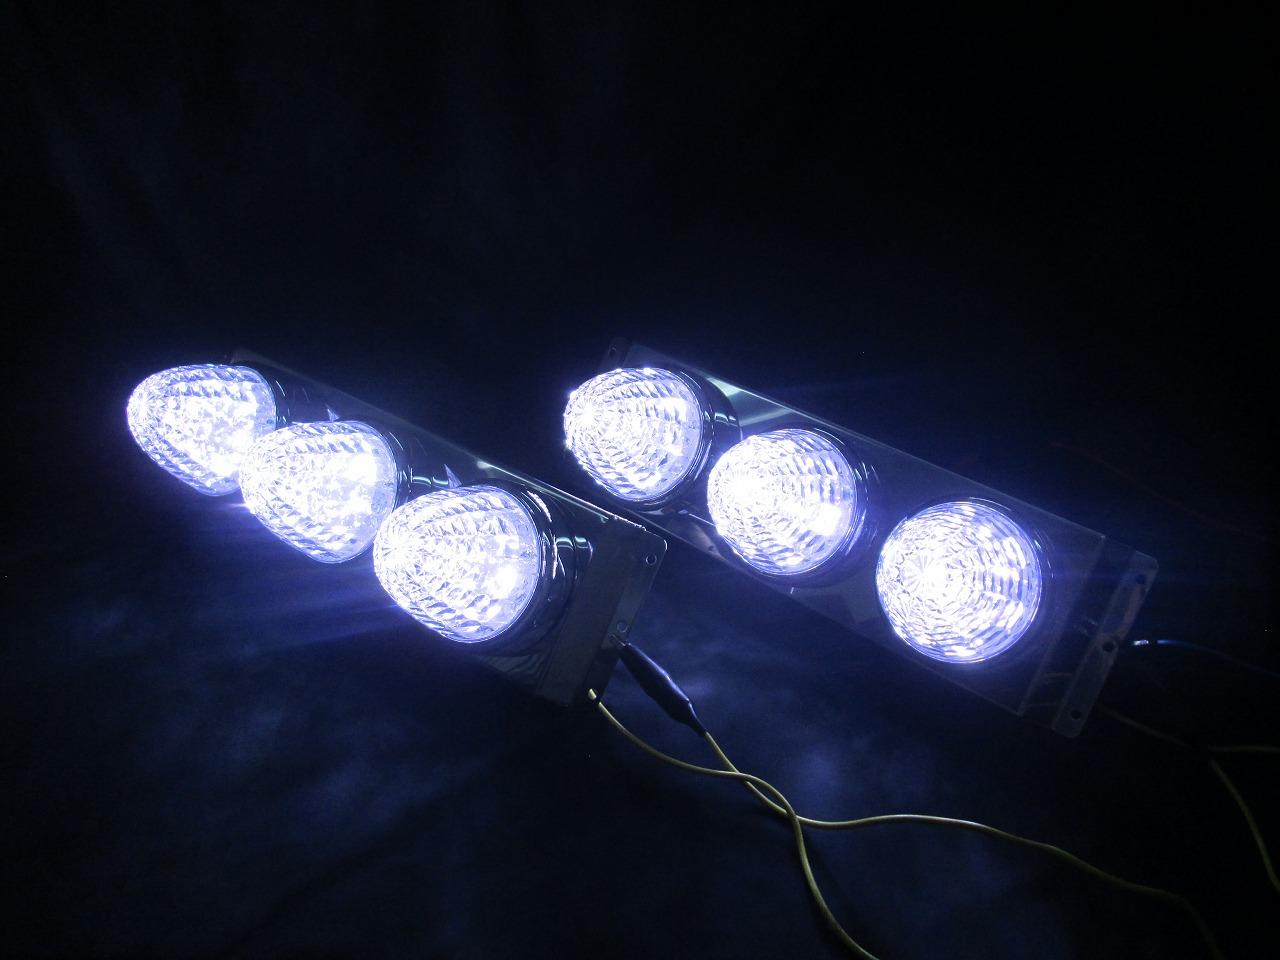 激光 LEDクリスタルハイパワーマーカー☆3連 車高灯☆クリア/ホワイト(透明/白)☆2個セット